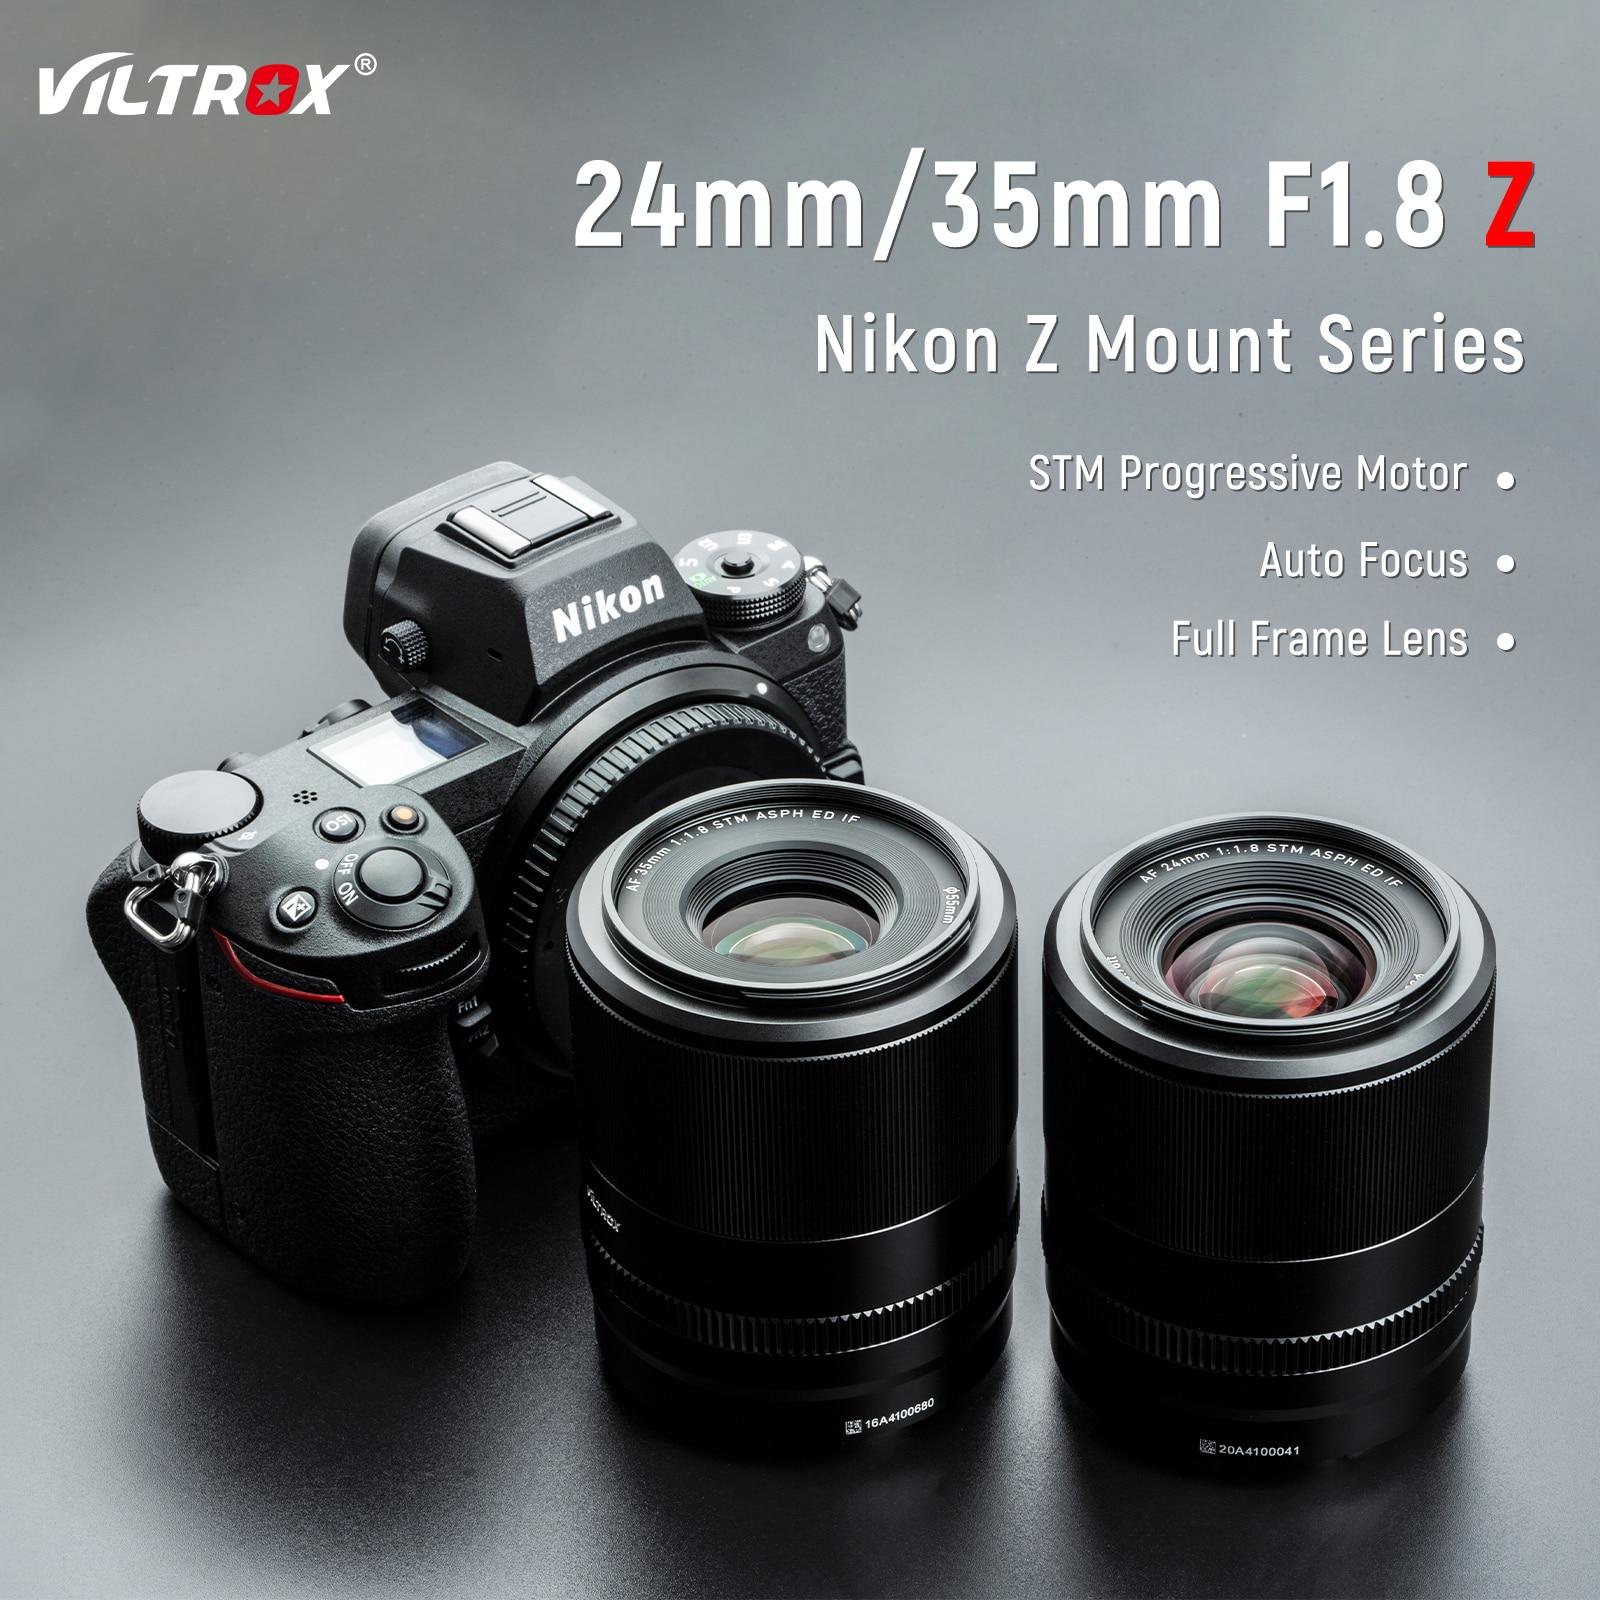 Viltrox 24 مم 35 مم F1.8 Z التركيز التلقائي إطار كامل بزاوية عريضة عدسة أساسية فتحة عدسة كبيرة تركيز العين لعدسة كاميرا Nikon Z Mount Z6II Z7II Z50 Zfc هندسة التصوي...